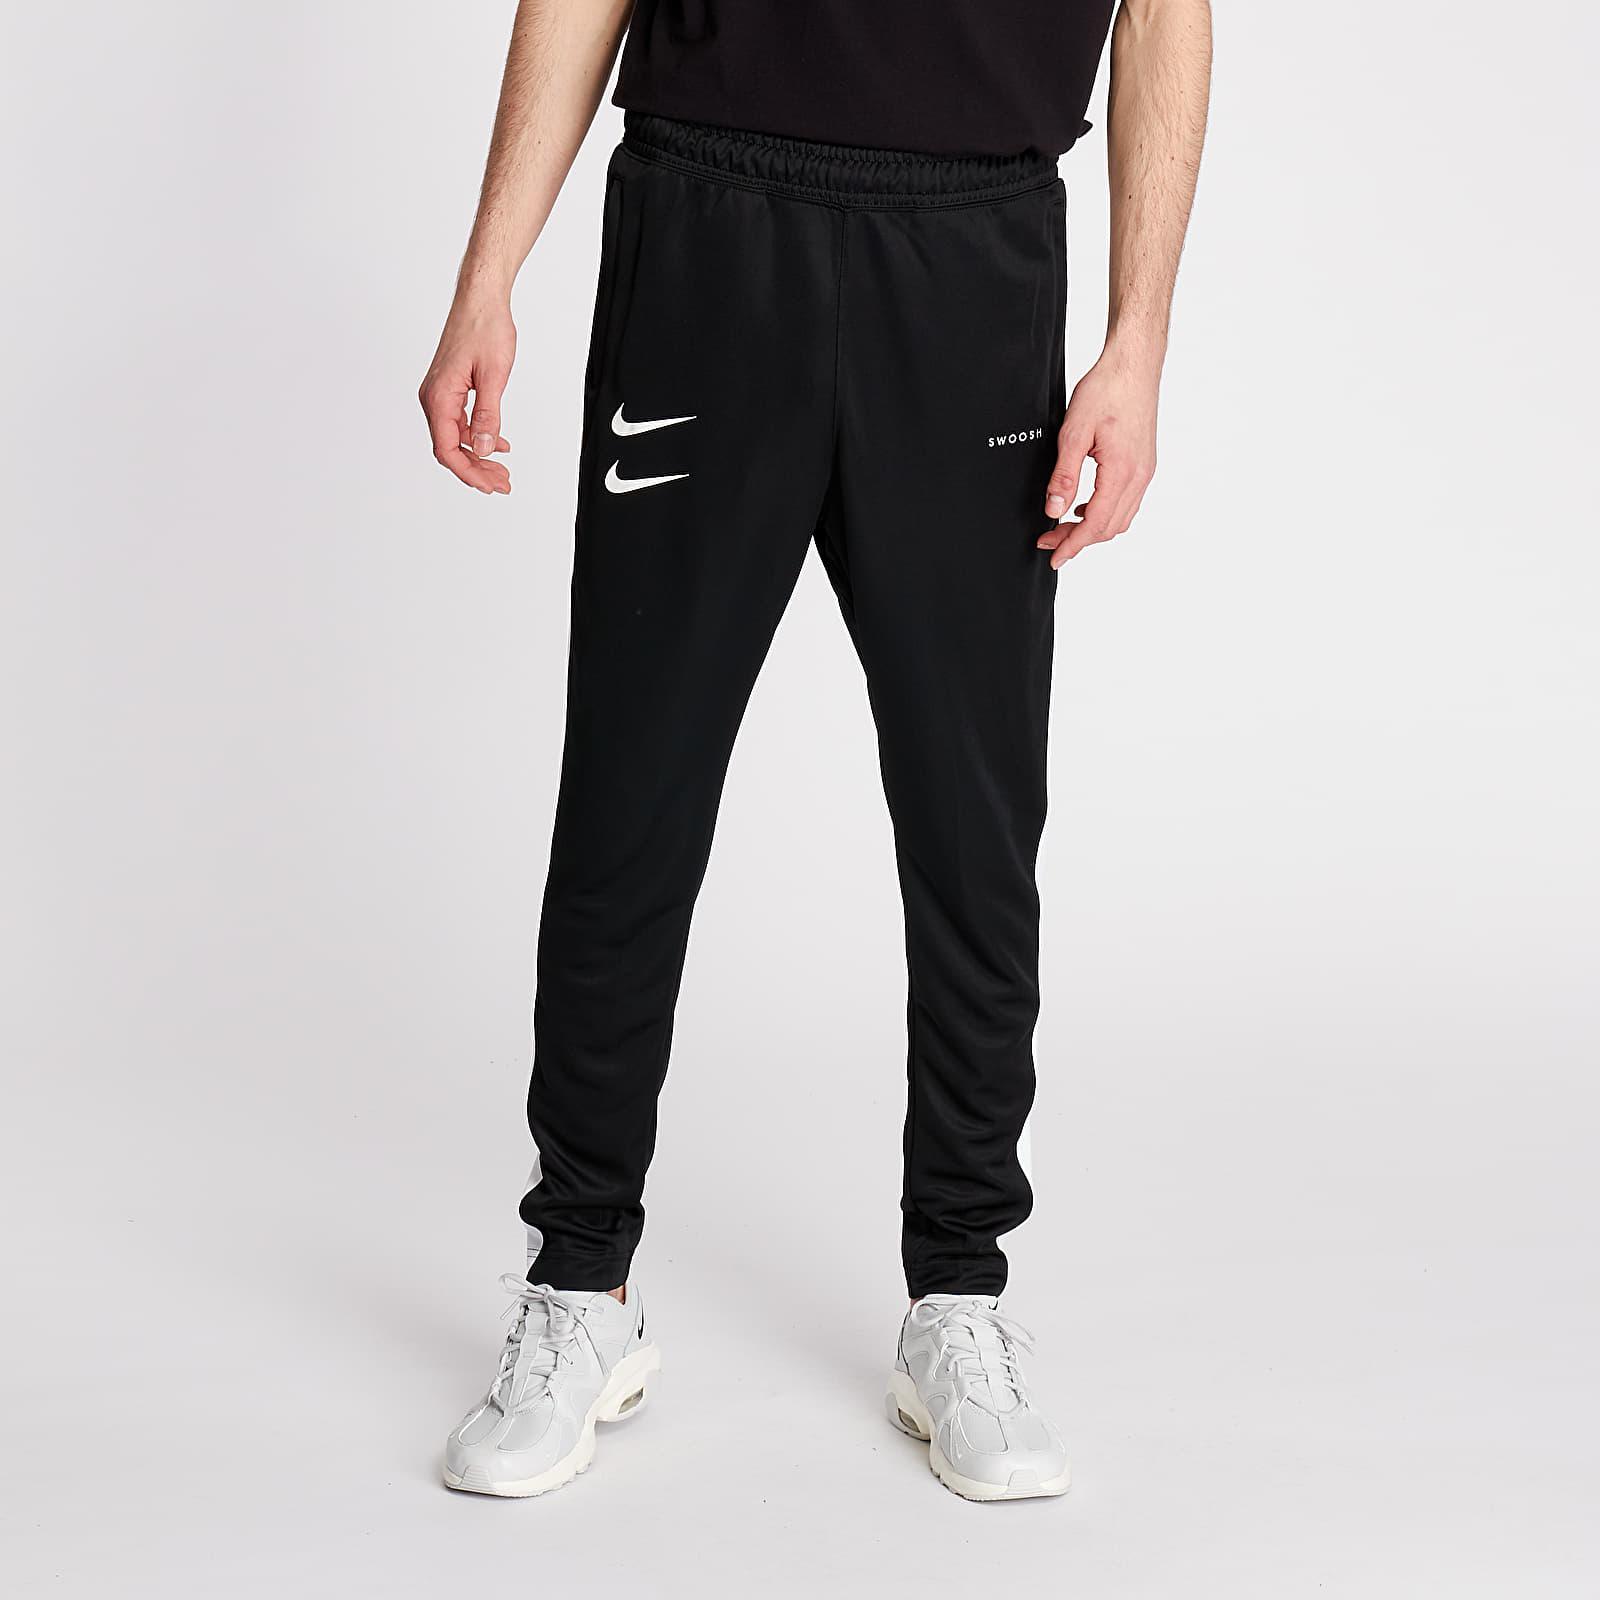 Džíny a kalhoty Nike Sportswear Swoosh PK Pants Black/ White/ Black/ White